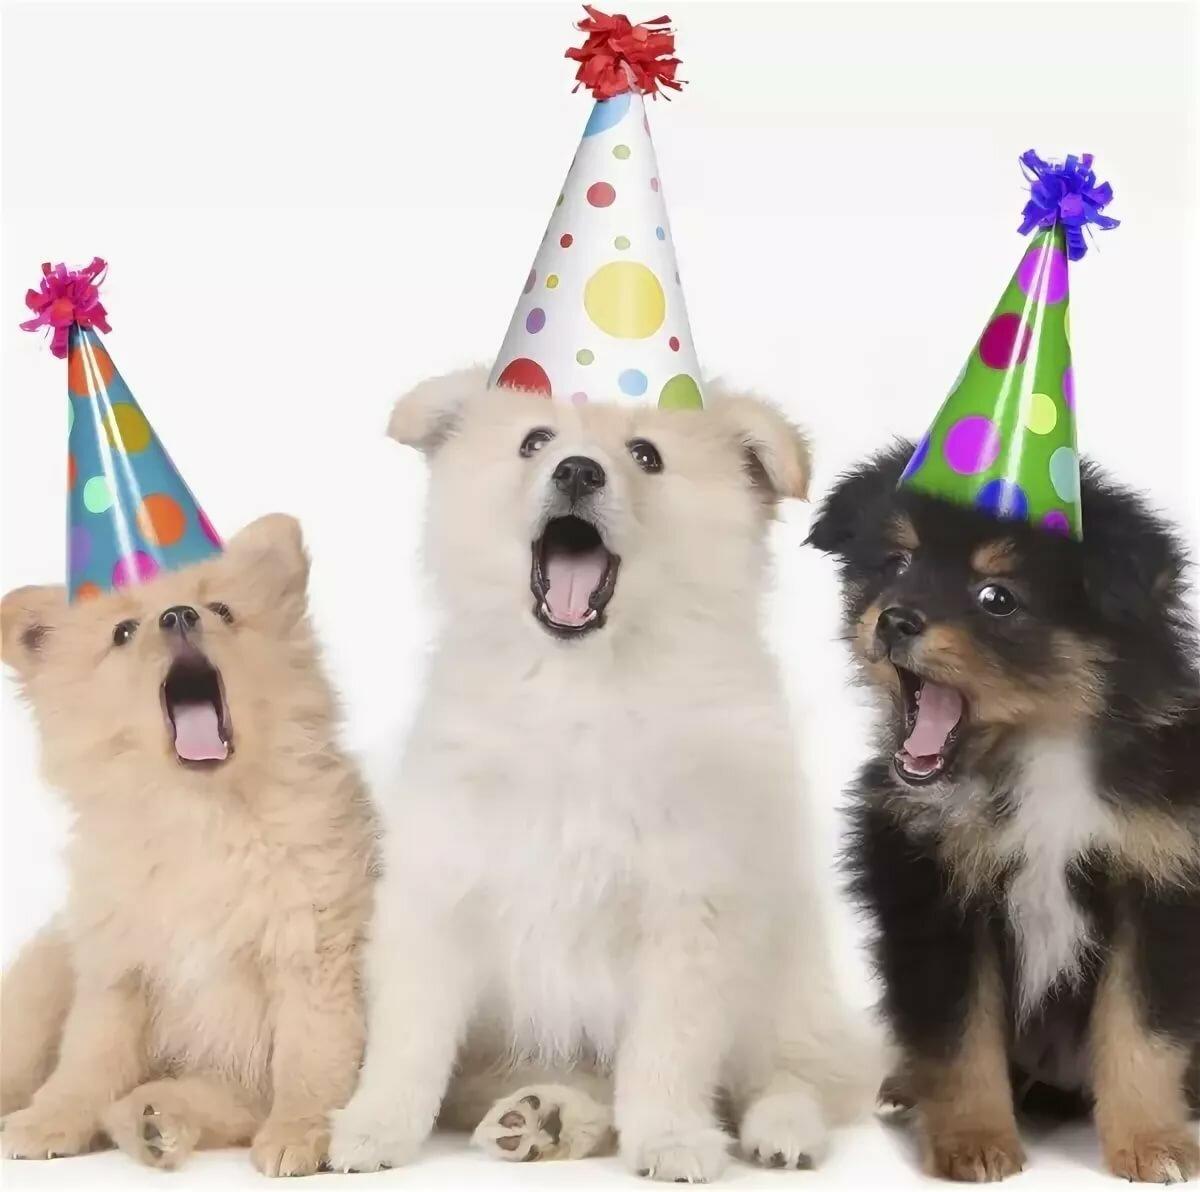 Поздравления с днем рождения собаки картинки, брату год